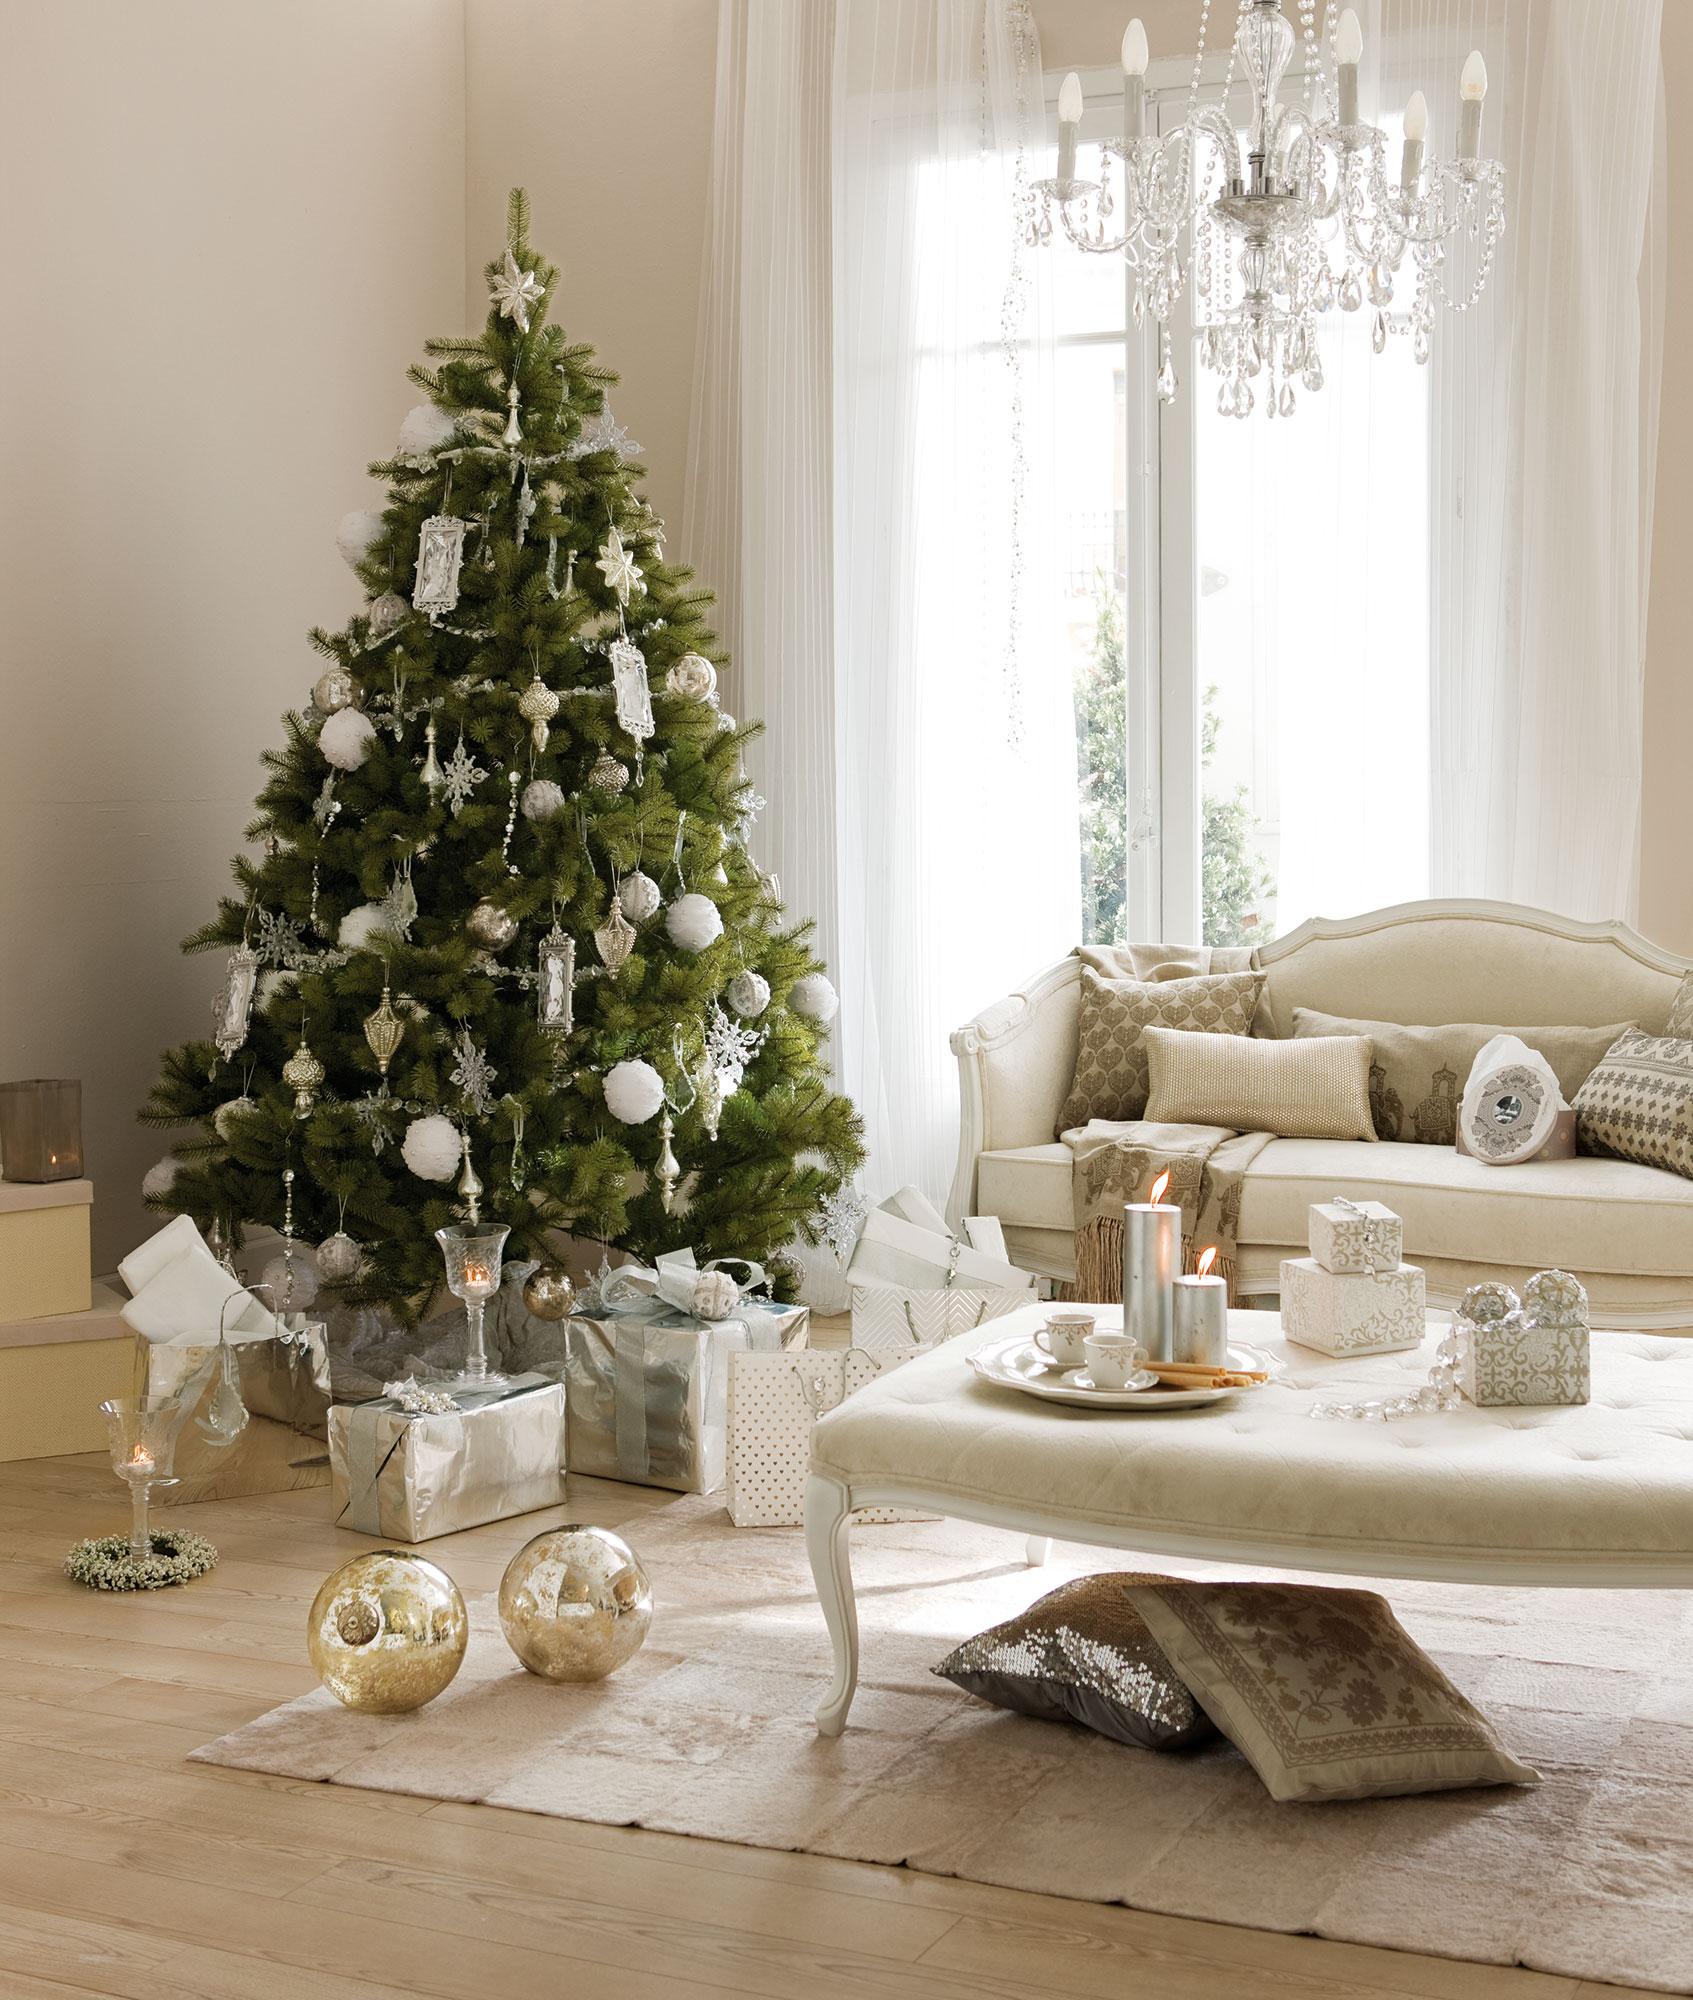 Detalles e ideas en plata para decorar tu casa esta navidad - Arboles de navidad blanco decoracion ...